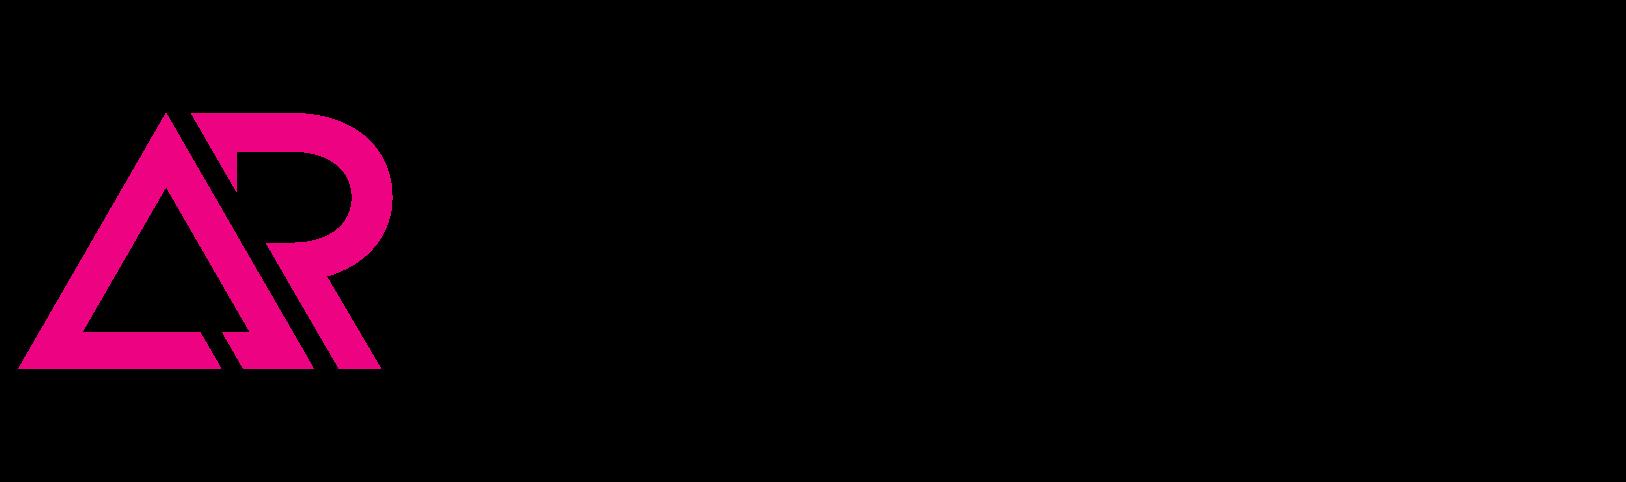 ARCHIDEX 2021